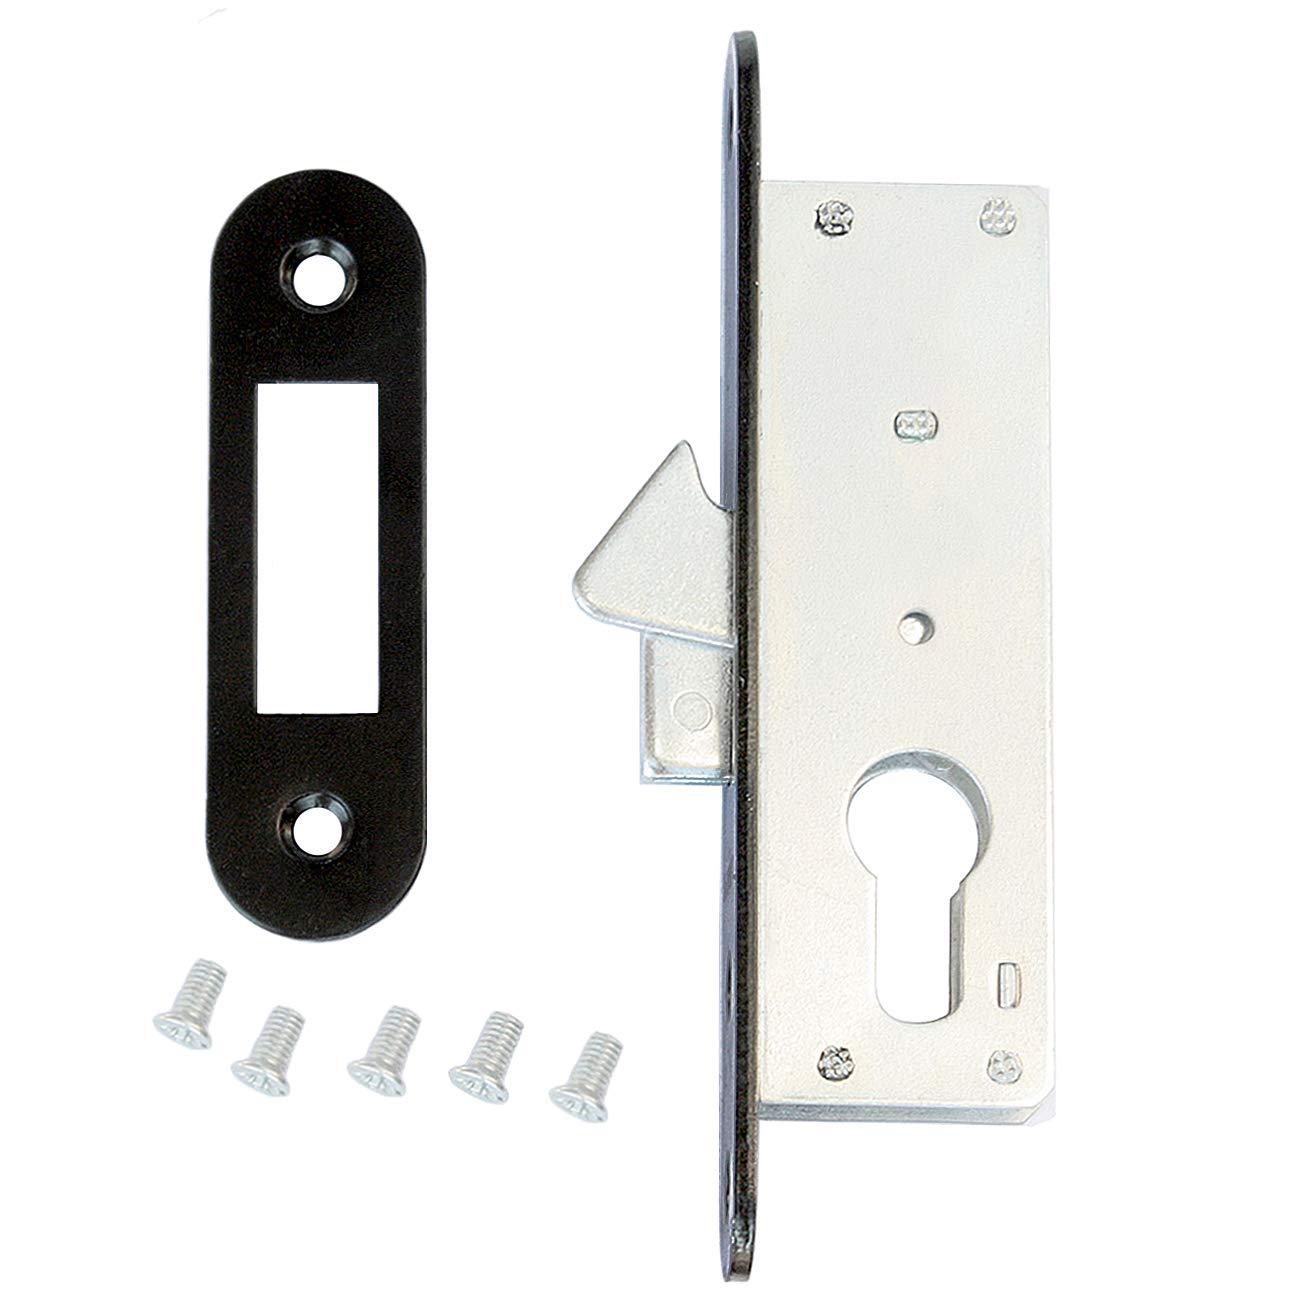 Cerradura de gancho para puerta corredera 35/22 con contraplaca para cil.: Amazon.es: Bricolaje y herramientas